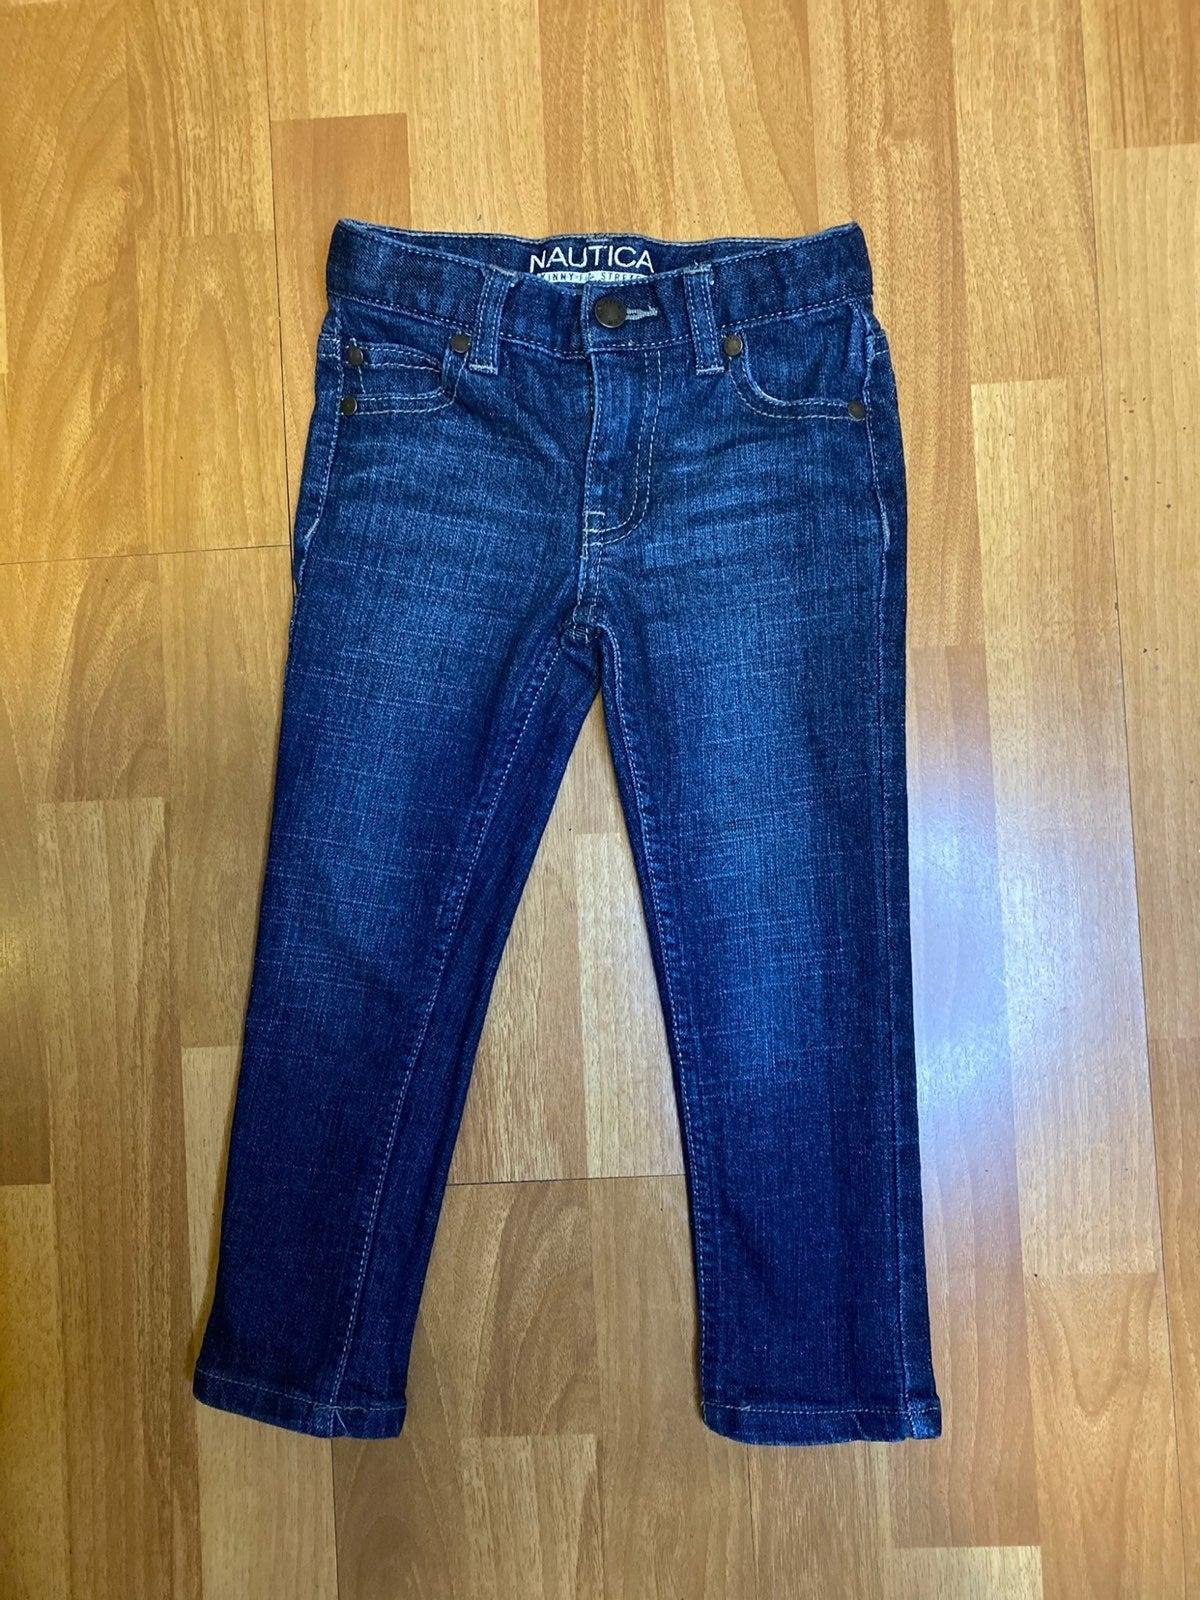 Nautica Blue Jeans Size 2T